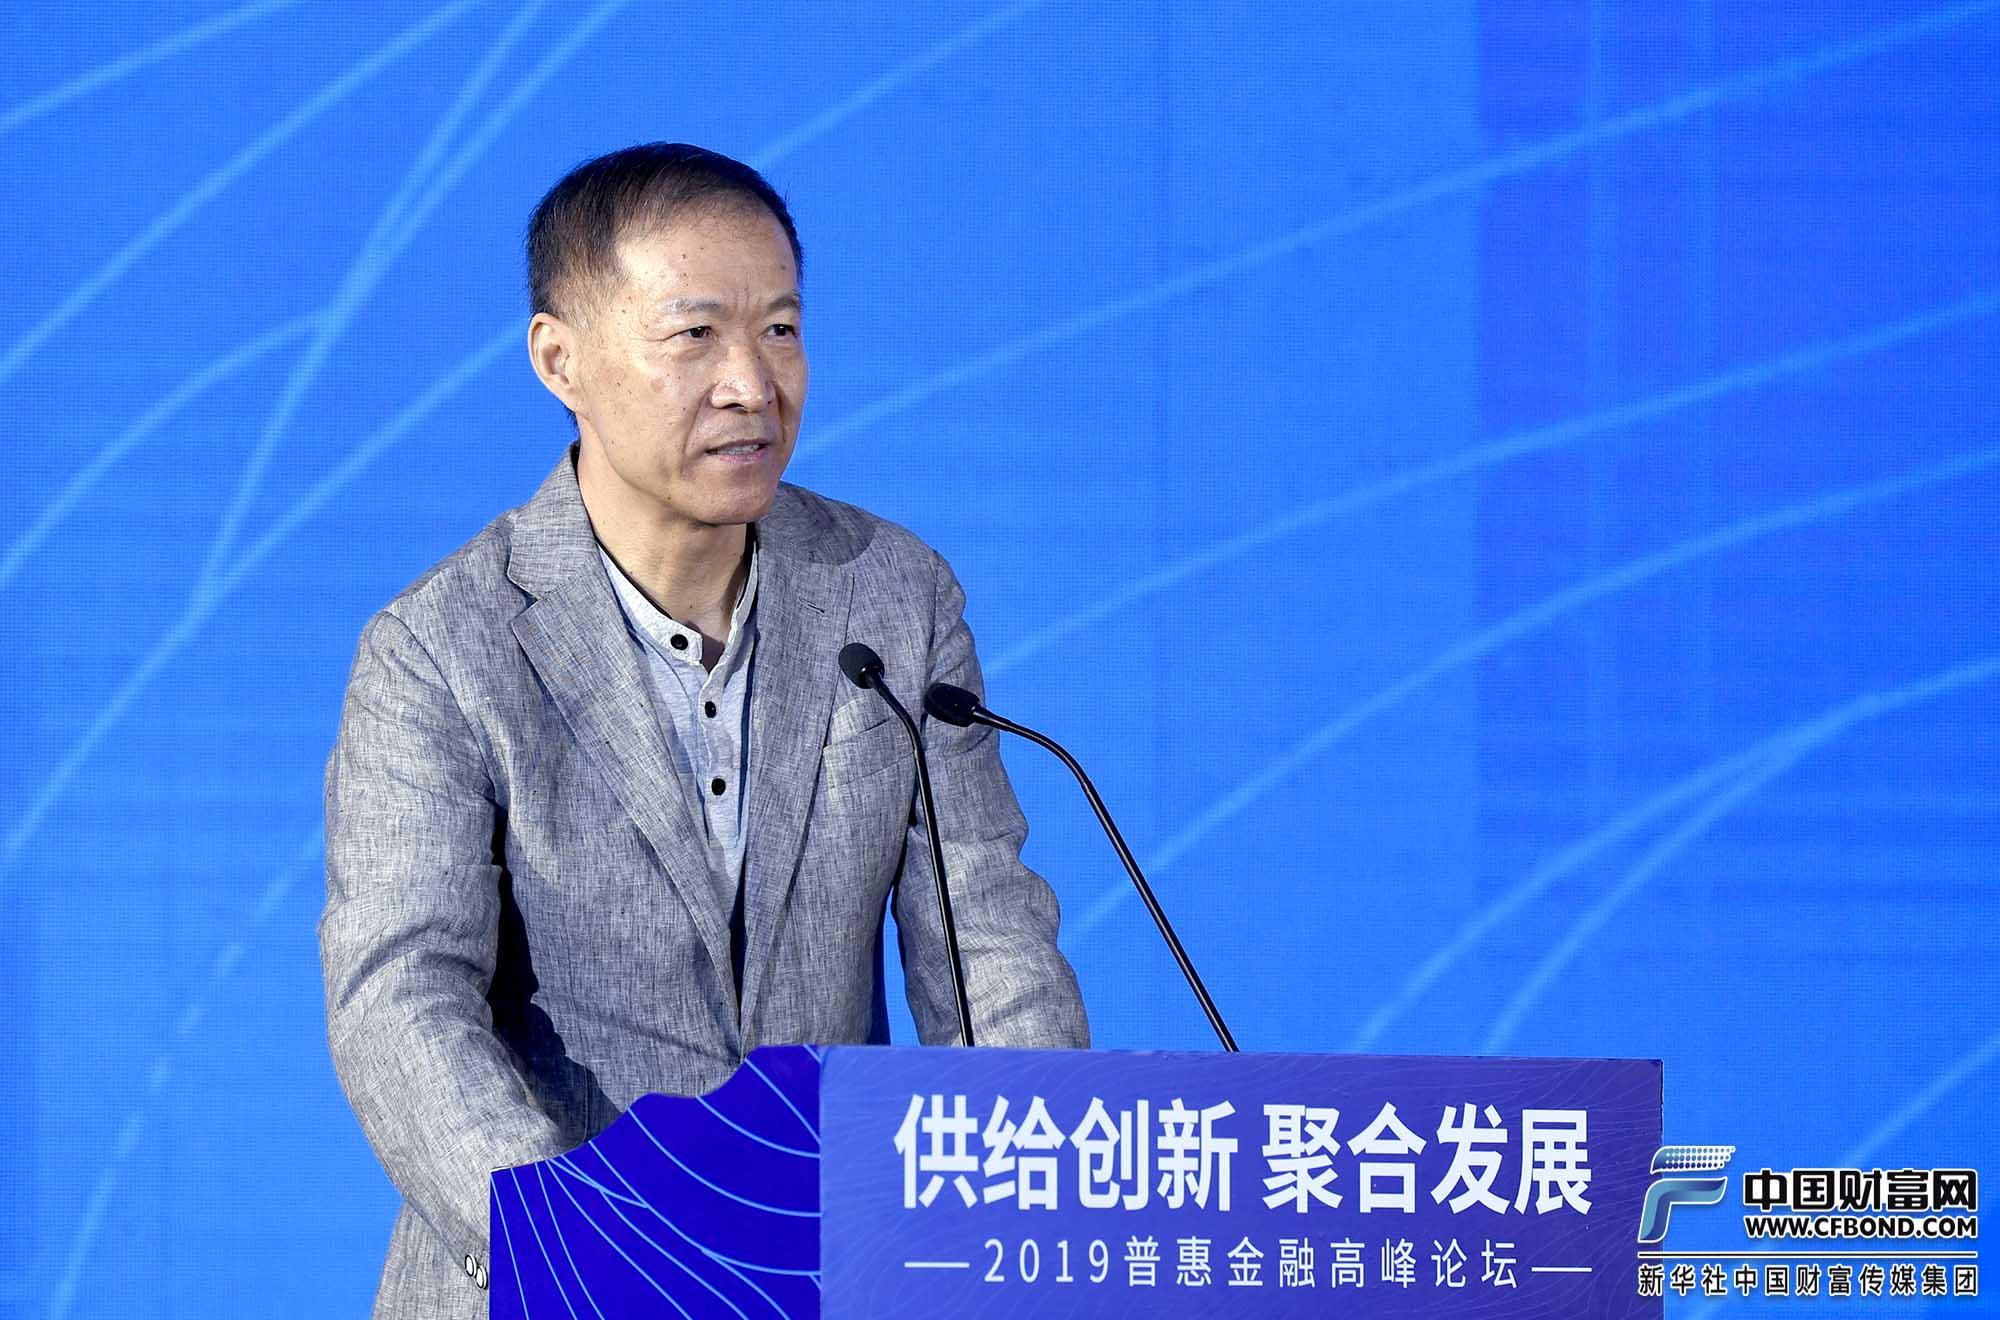 演讲嘉宾:东南大学国家政策与发展研究院院长华生